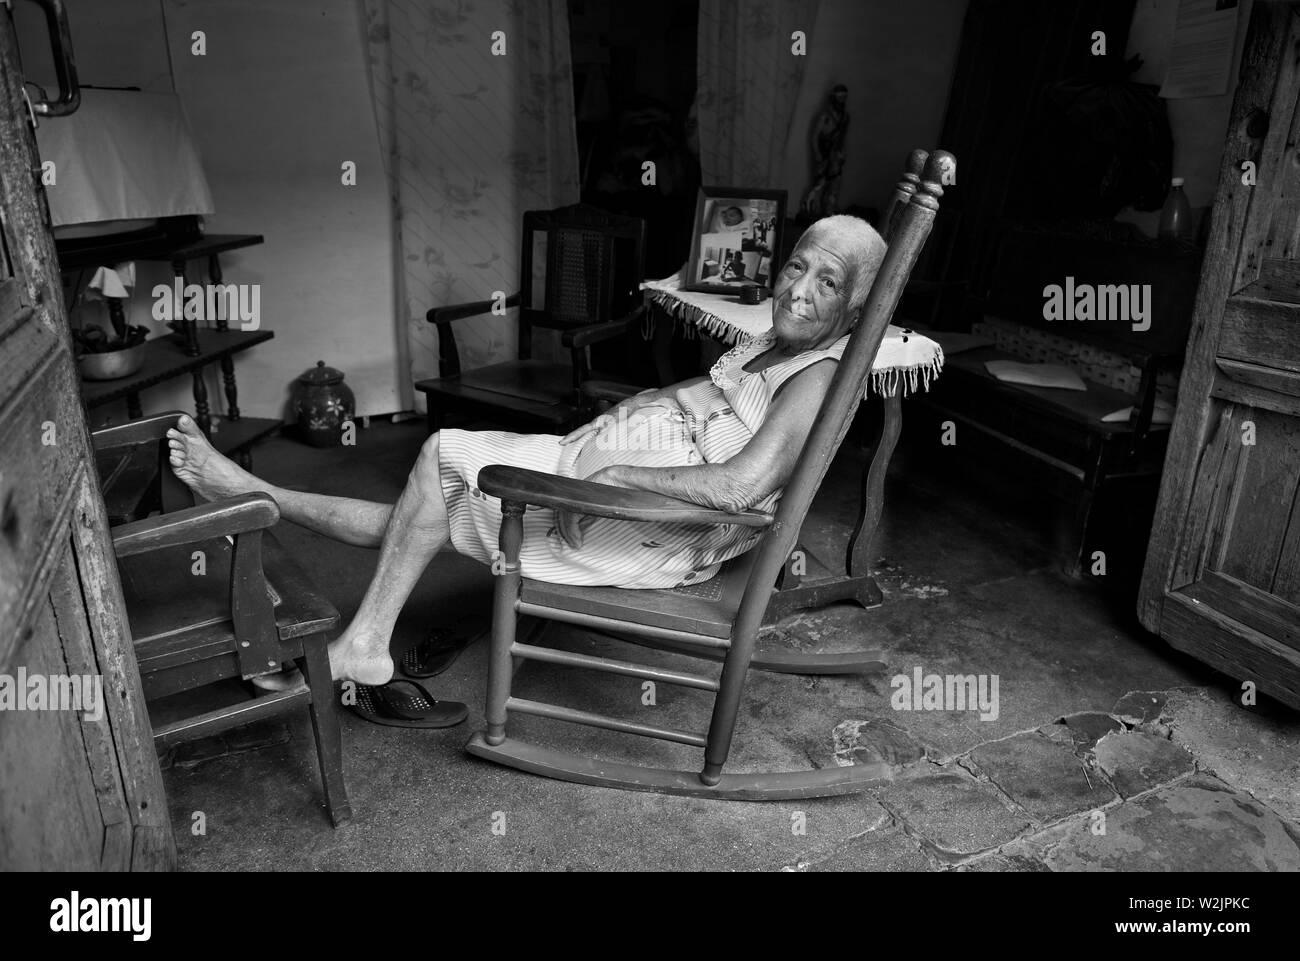 Trinidad Cuba: La Signora riposa nel pomeriggio nella sua sedia a dondolo che guarda su come il mondo la fa pas vicino. Foto Stock